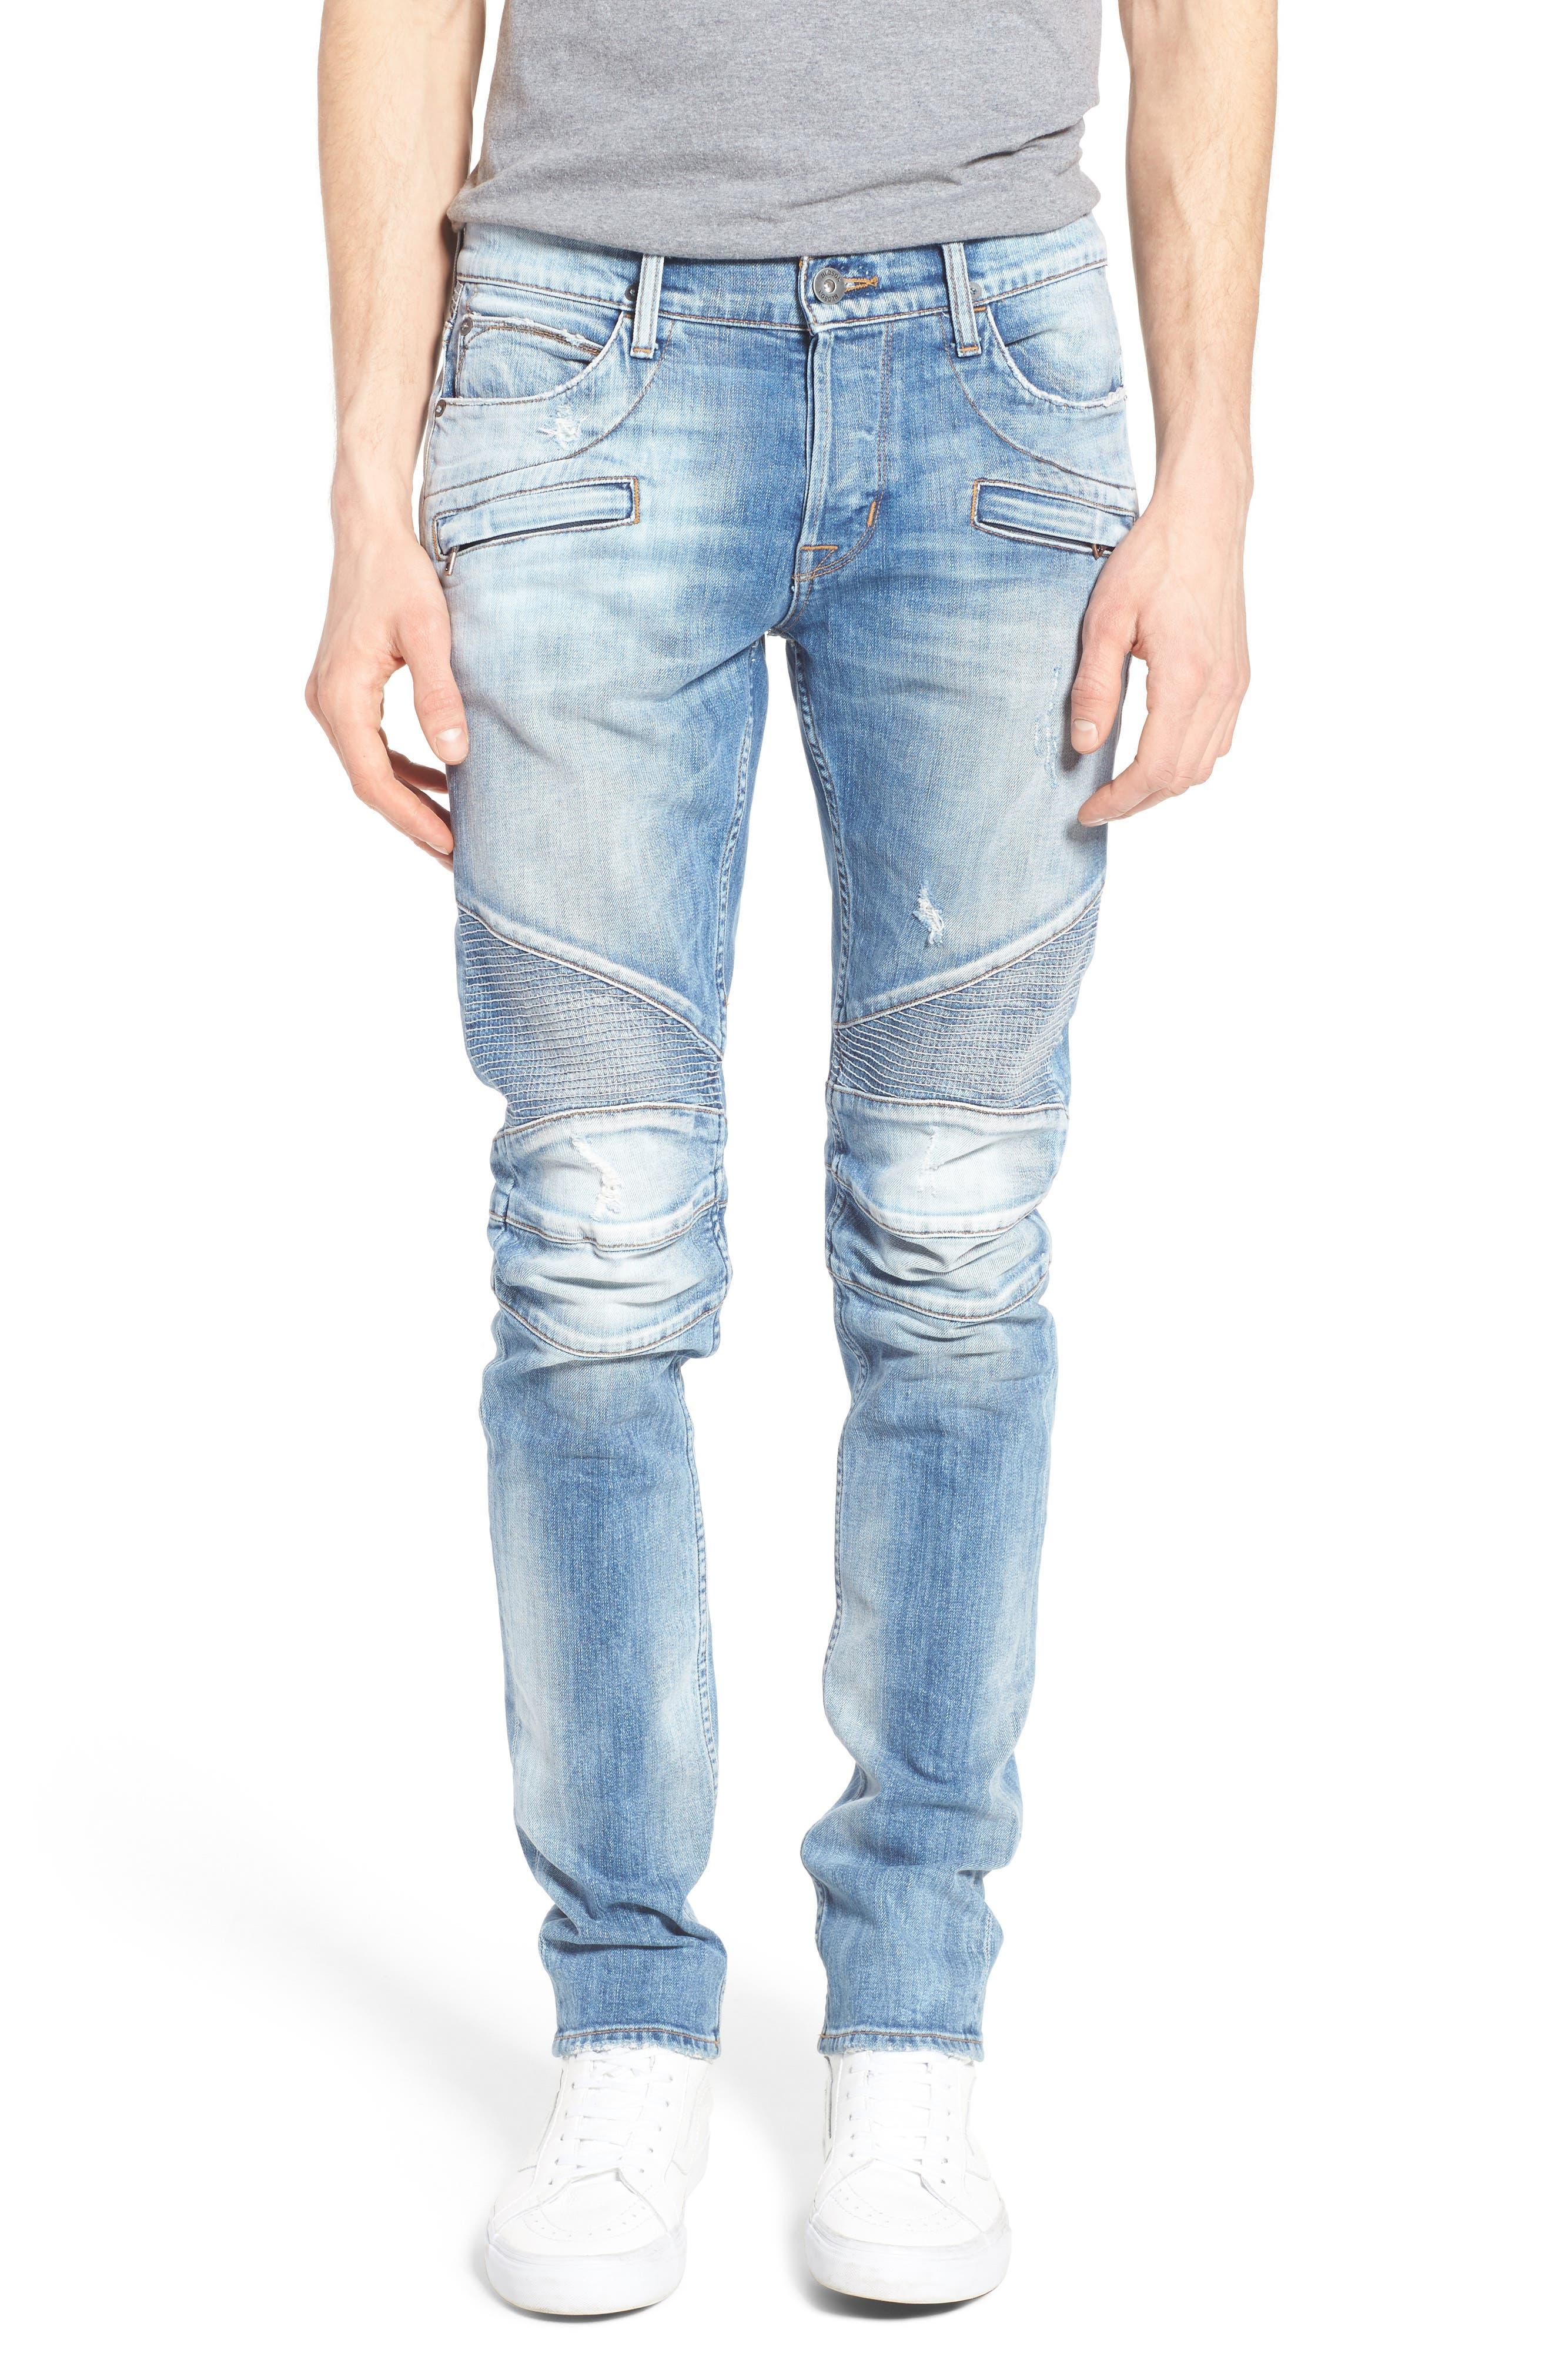 Blinder Skinny Fit Moto Jeans,                         Main,                         color, THRASH